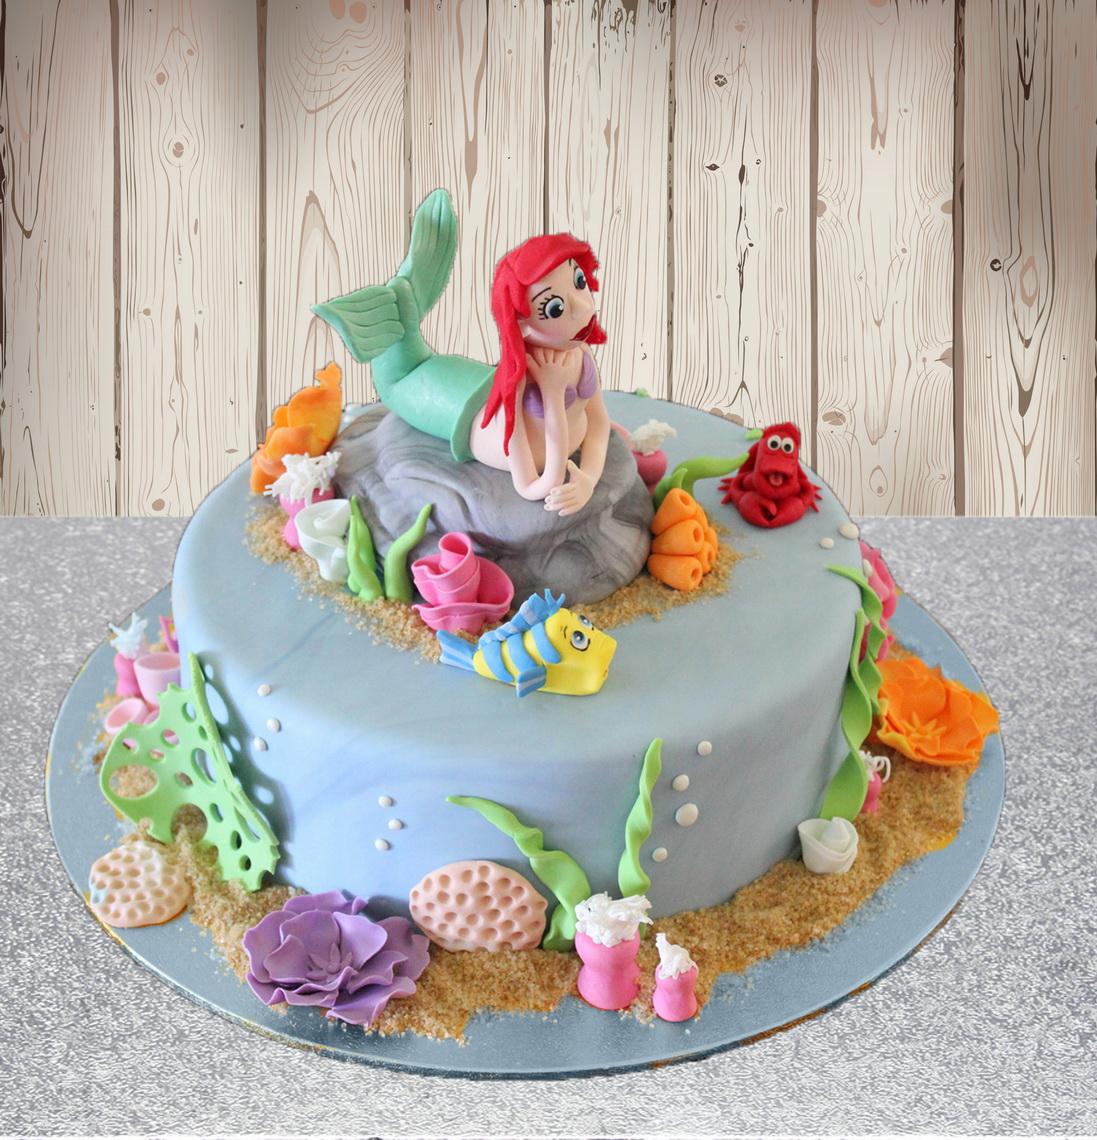 Easy Mermaid Cake Ideas